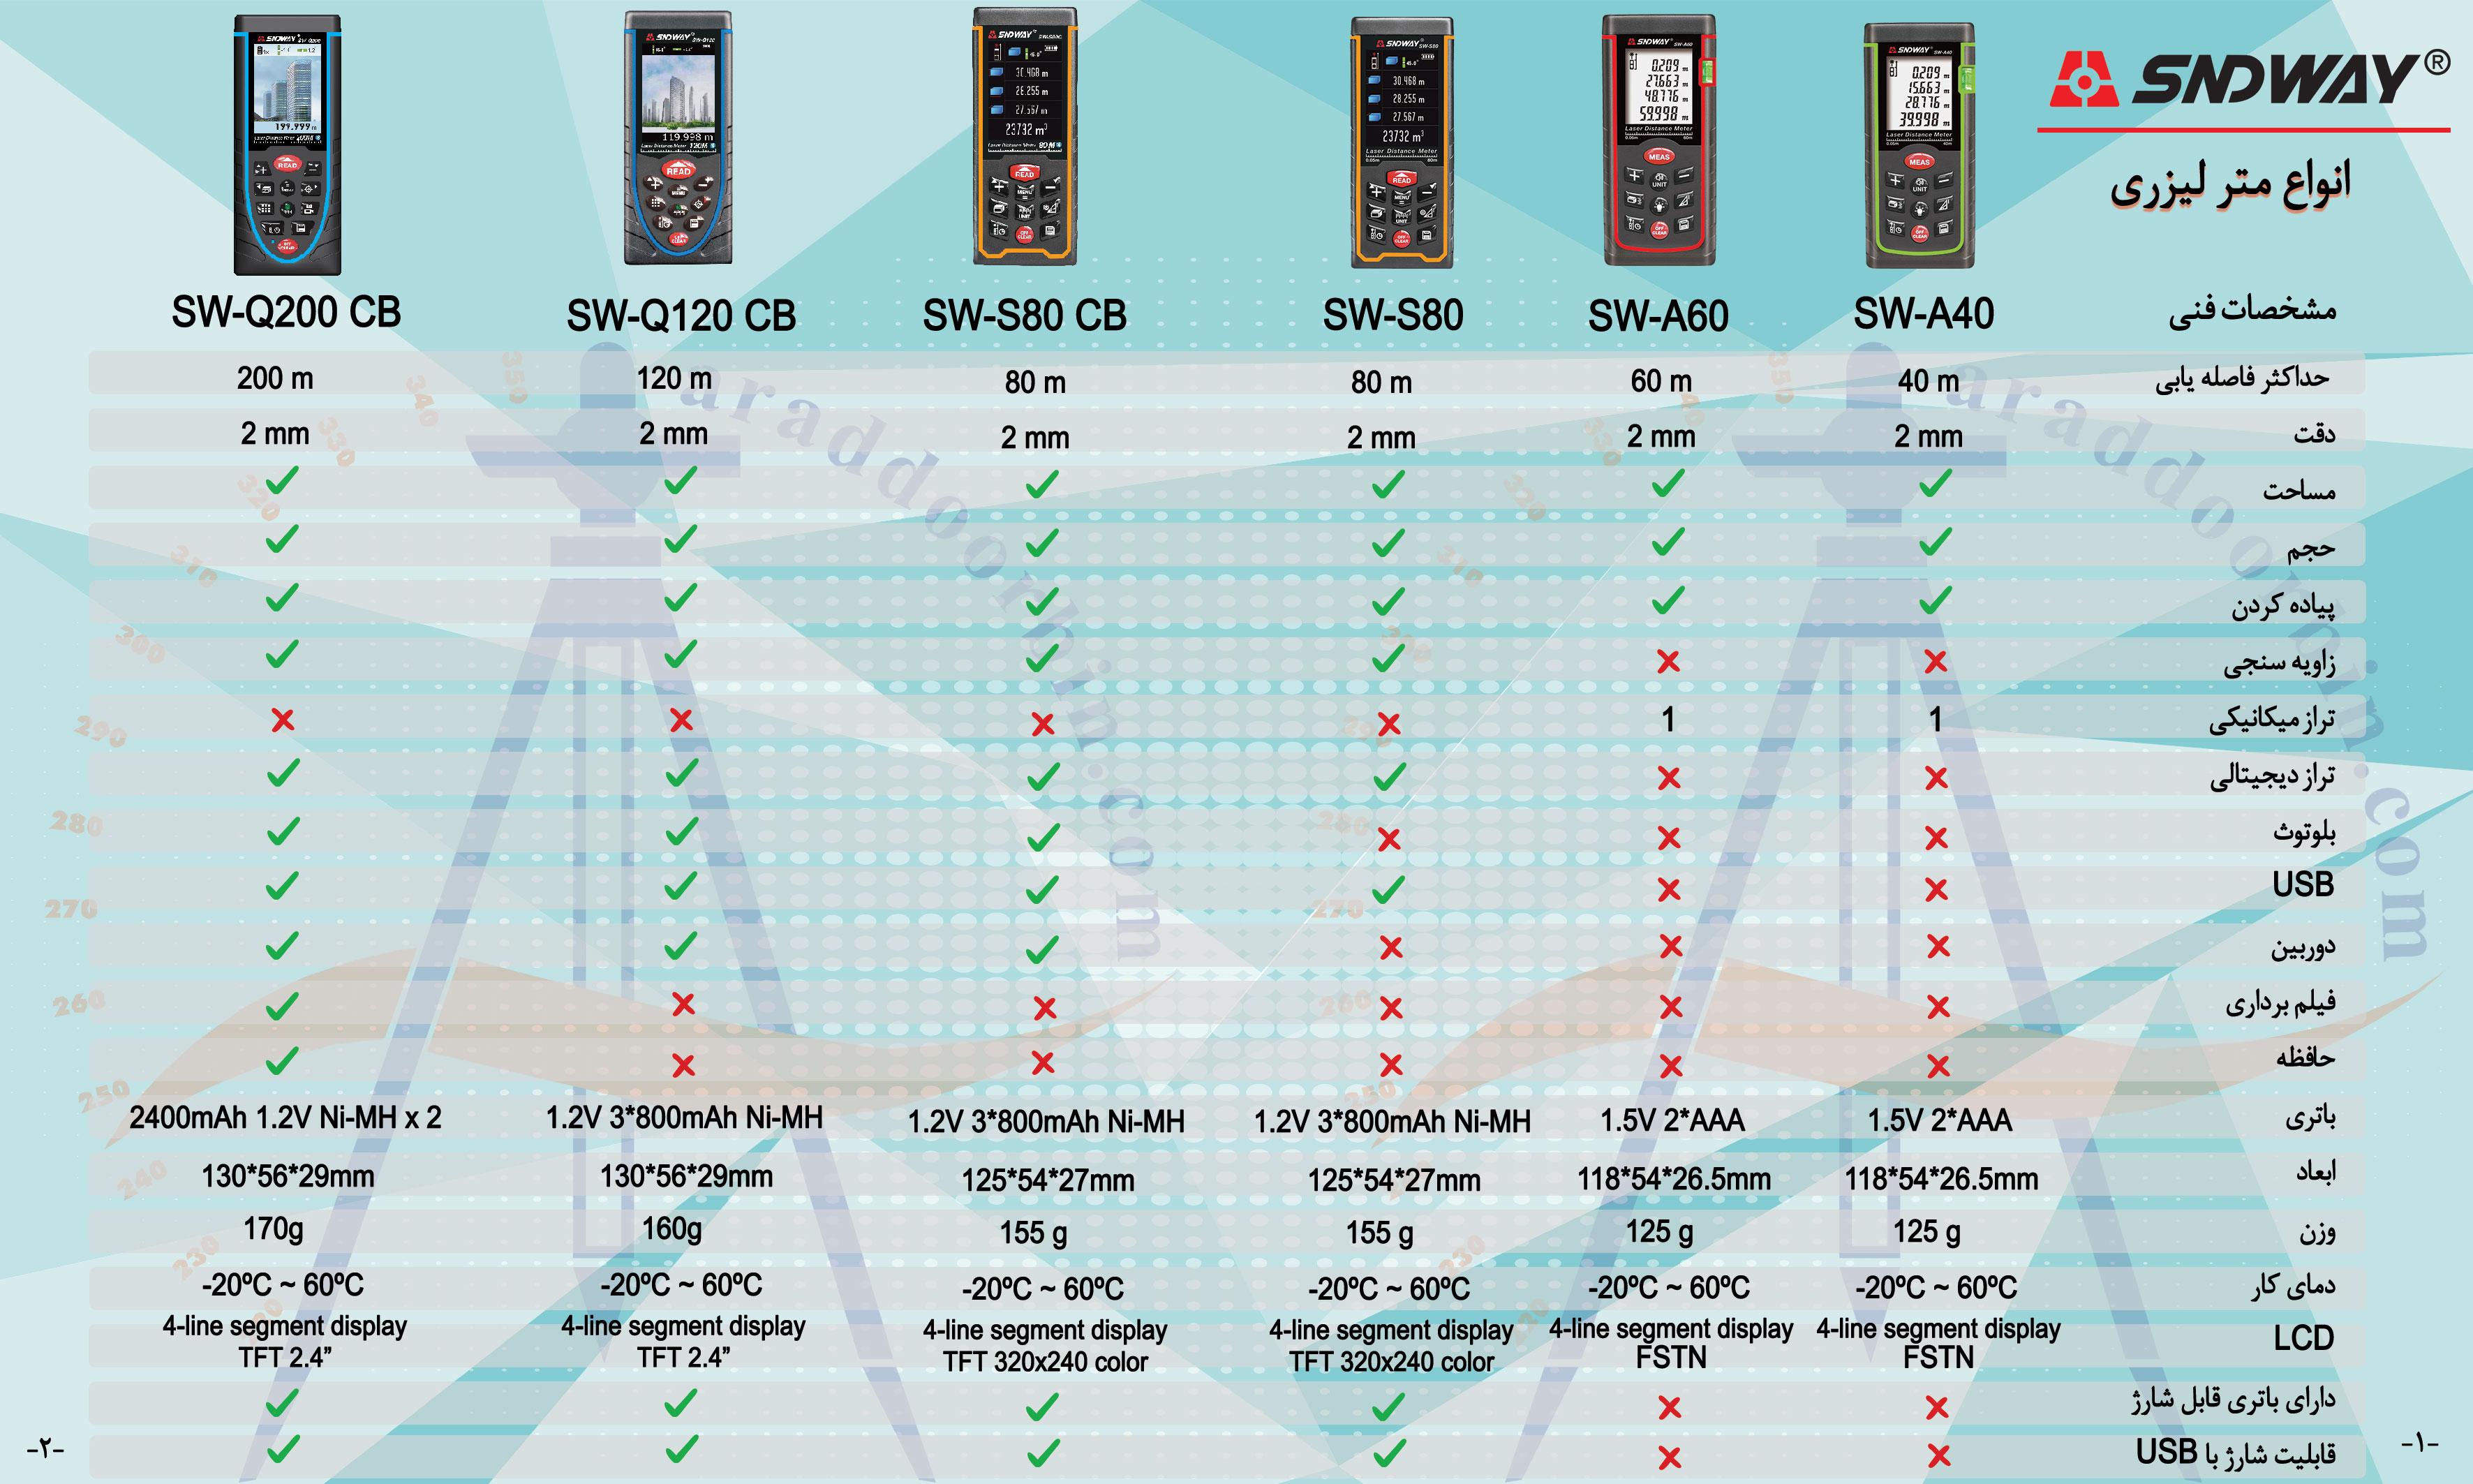 جدول مقایسه مترهای لیزری